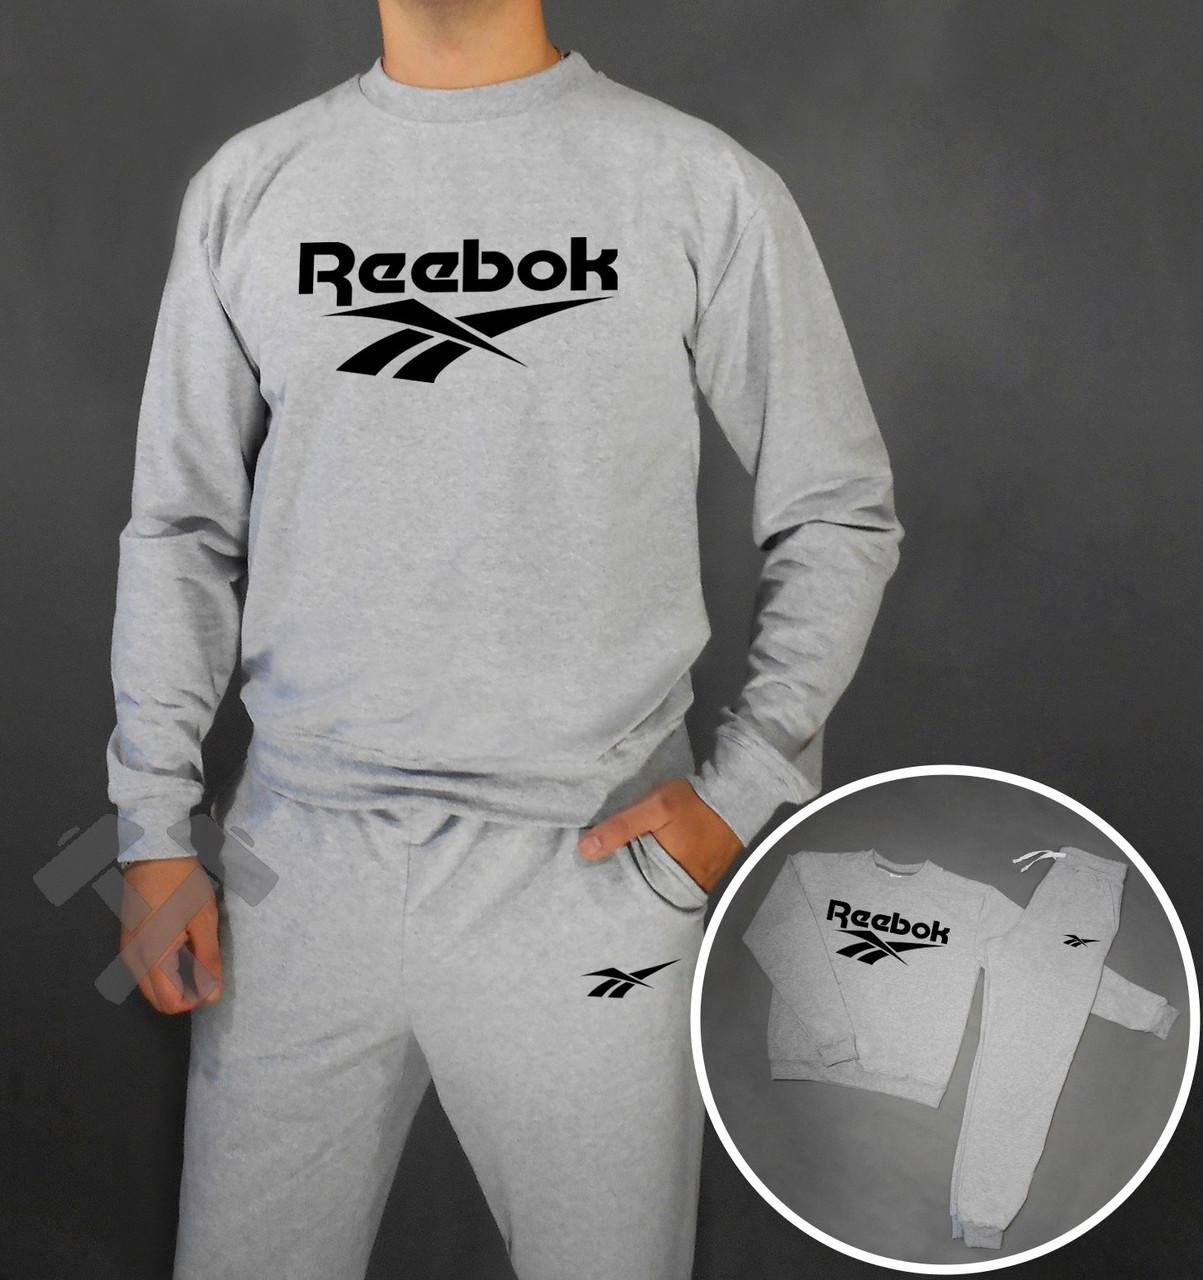 Спортивный костюм Reebok серого цвета с черным логотипом на груди